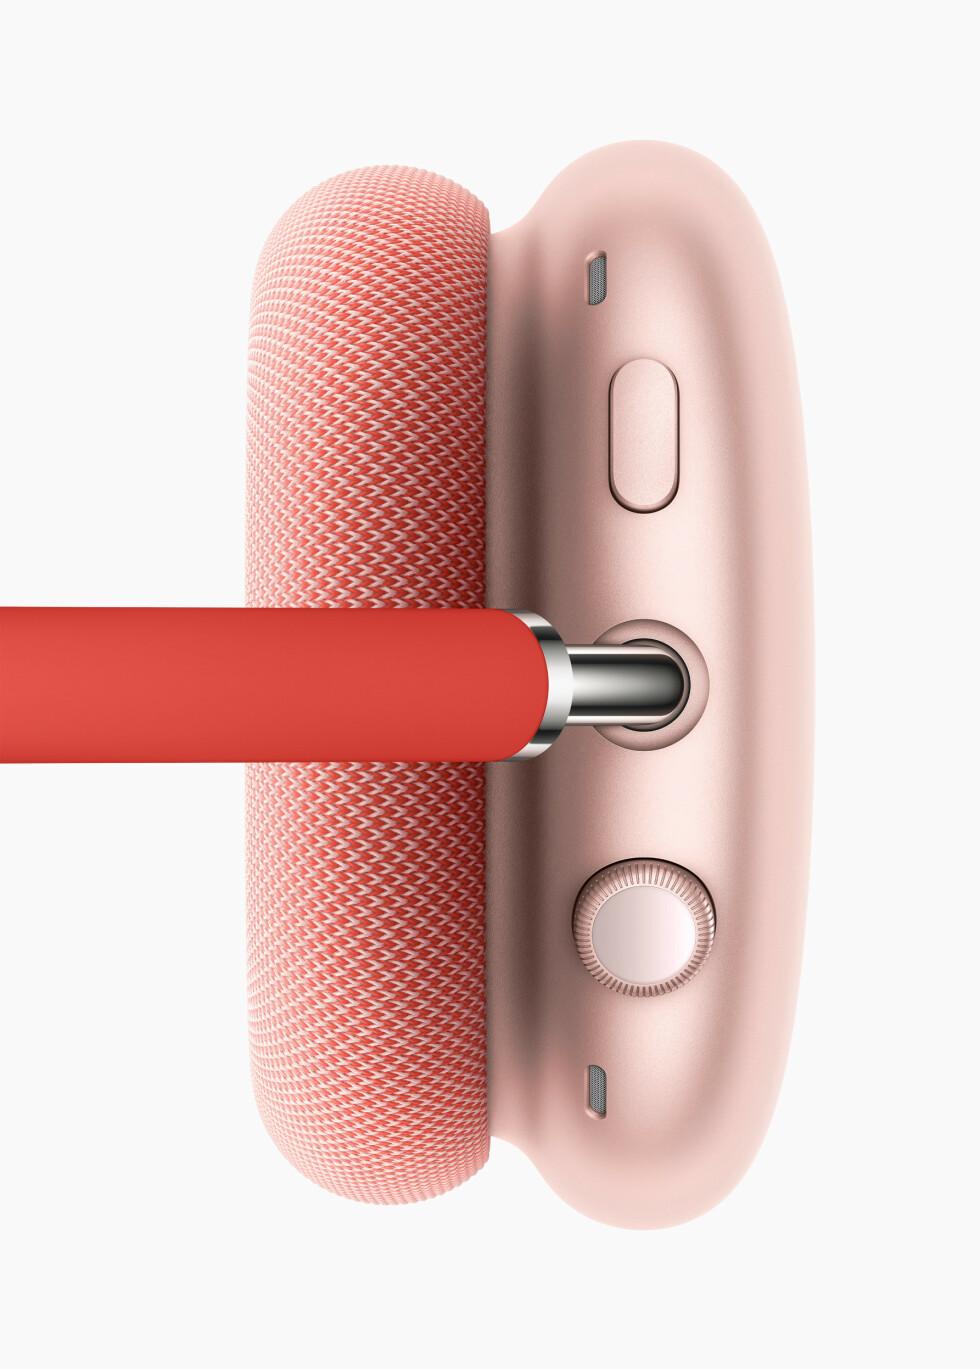 Du justerer lyden ved å vri på den digitale kronen.  Foto: Apple